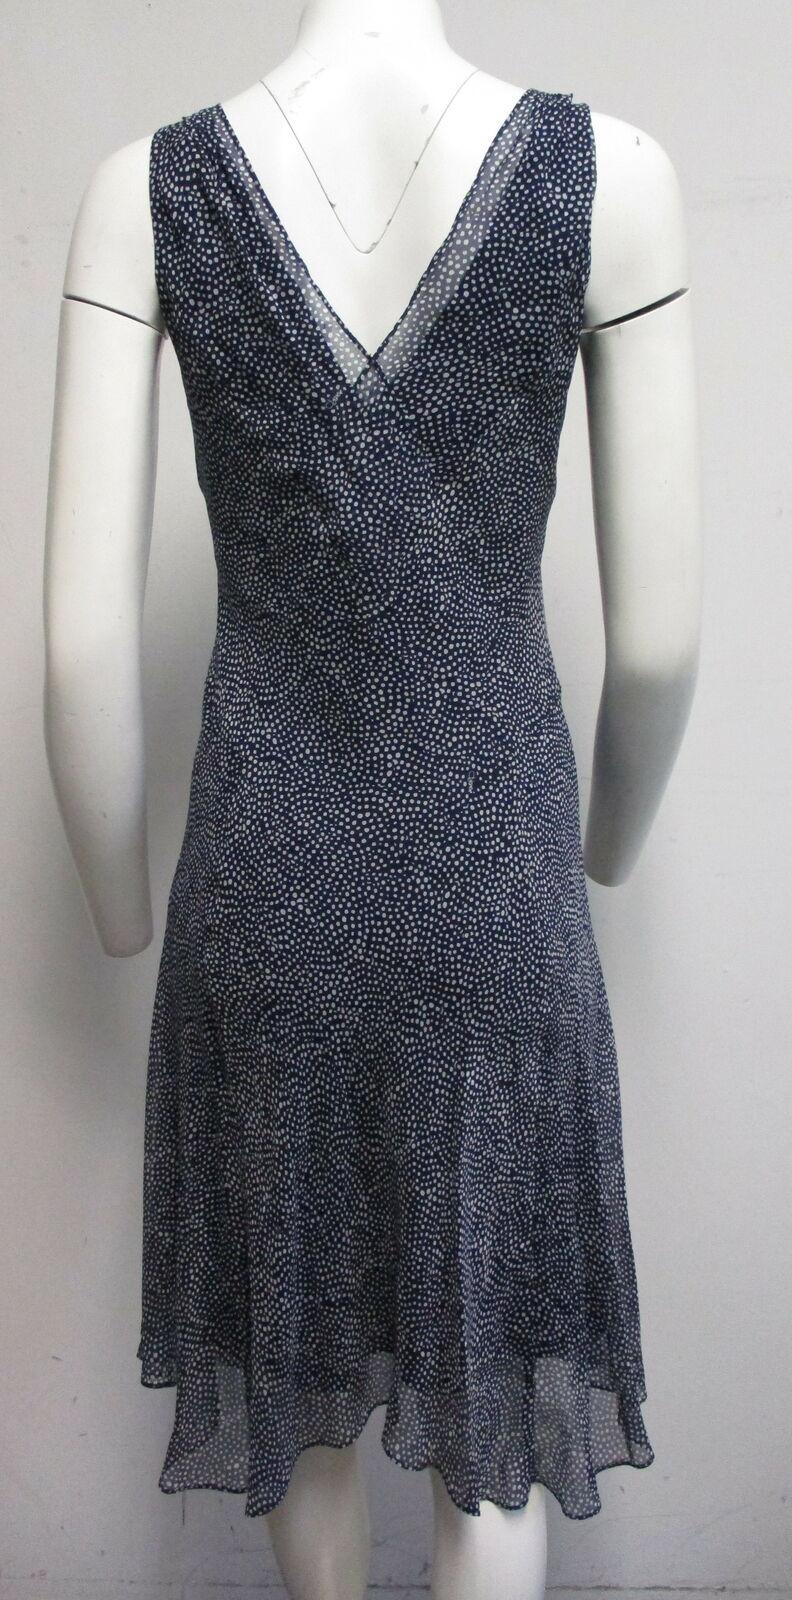 DIANE VON FURSTENBERG Dita 100% silk navy blue & … - image 5